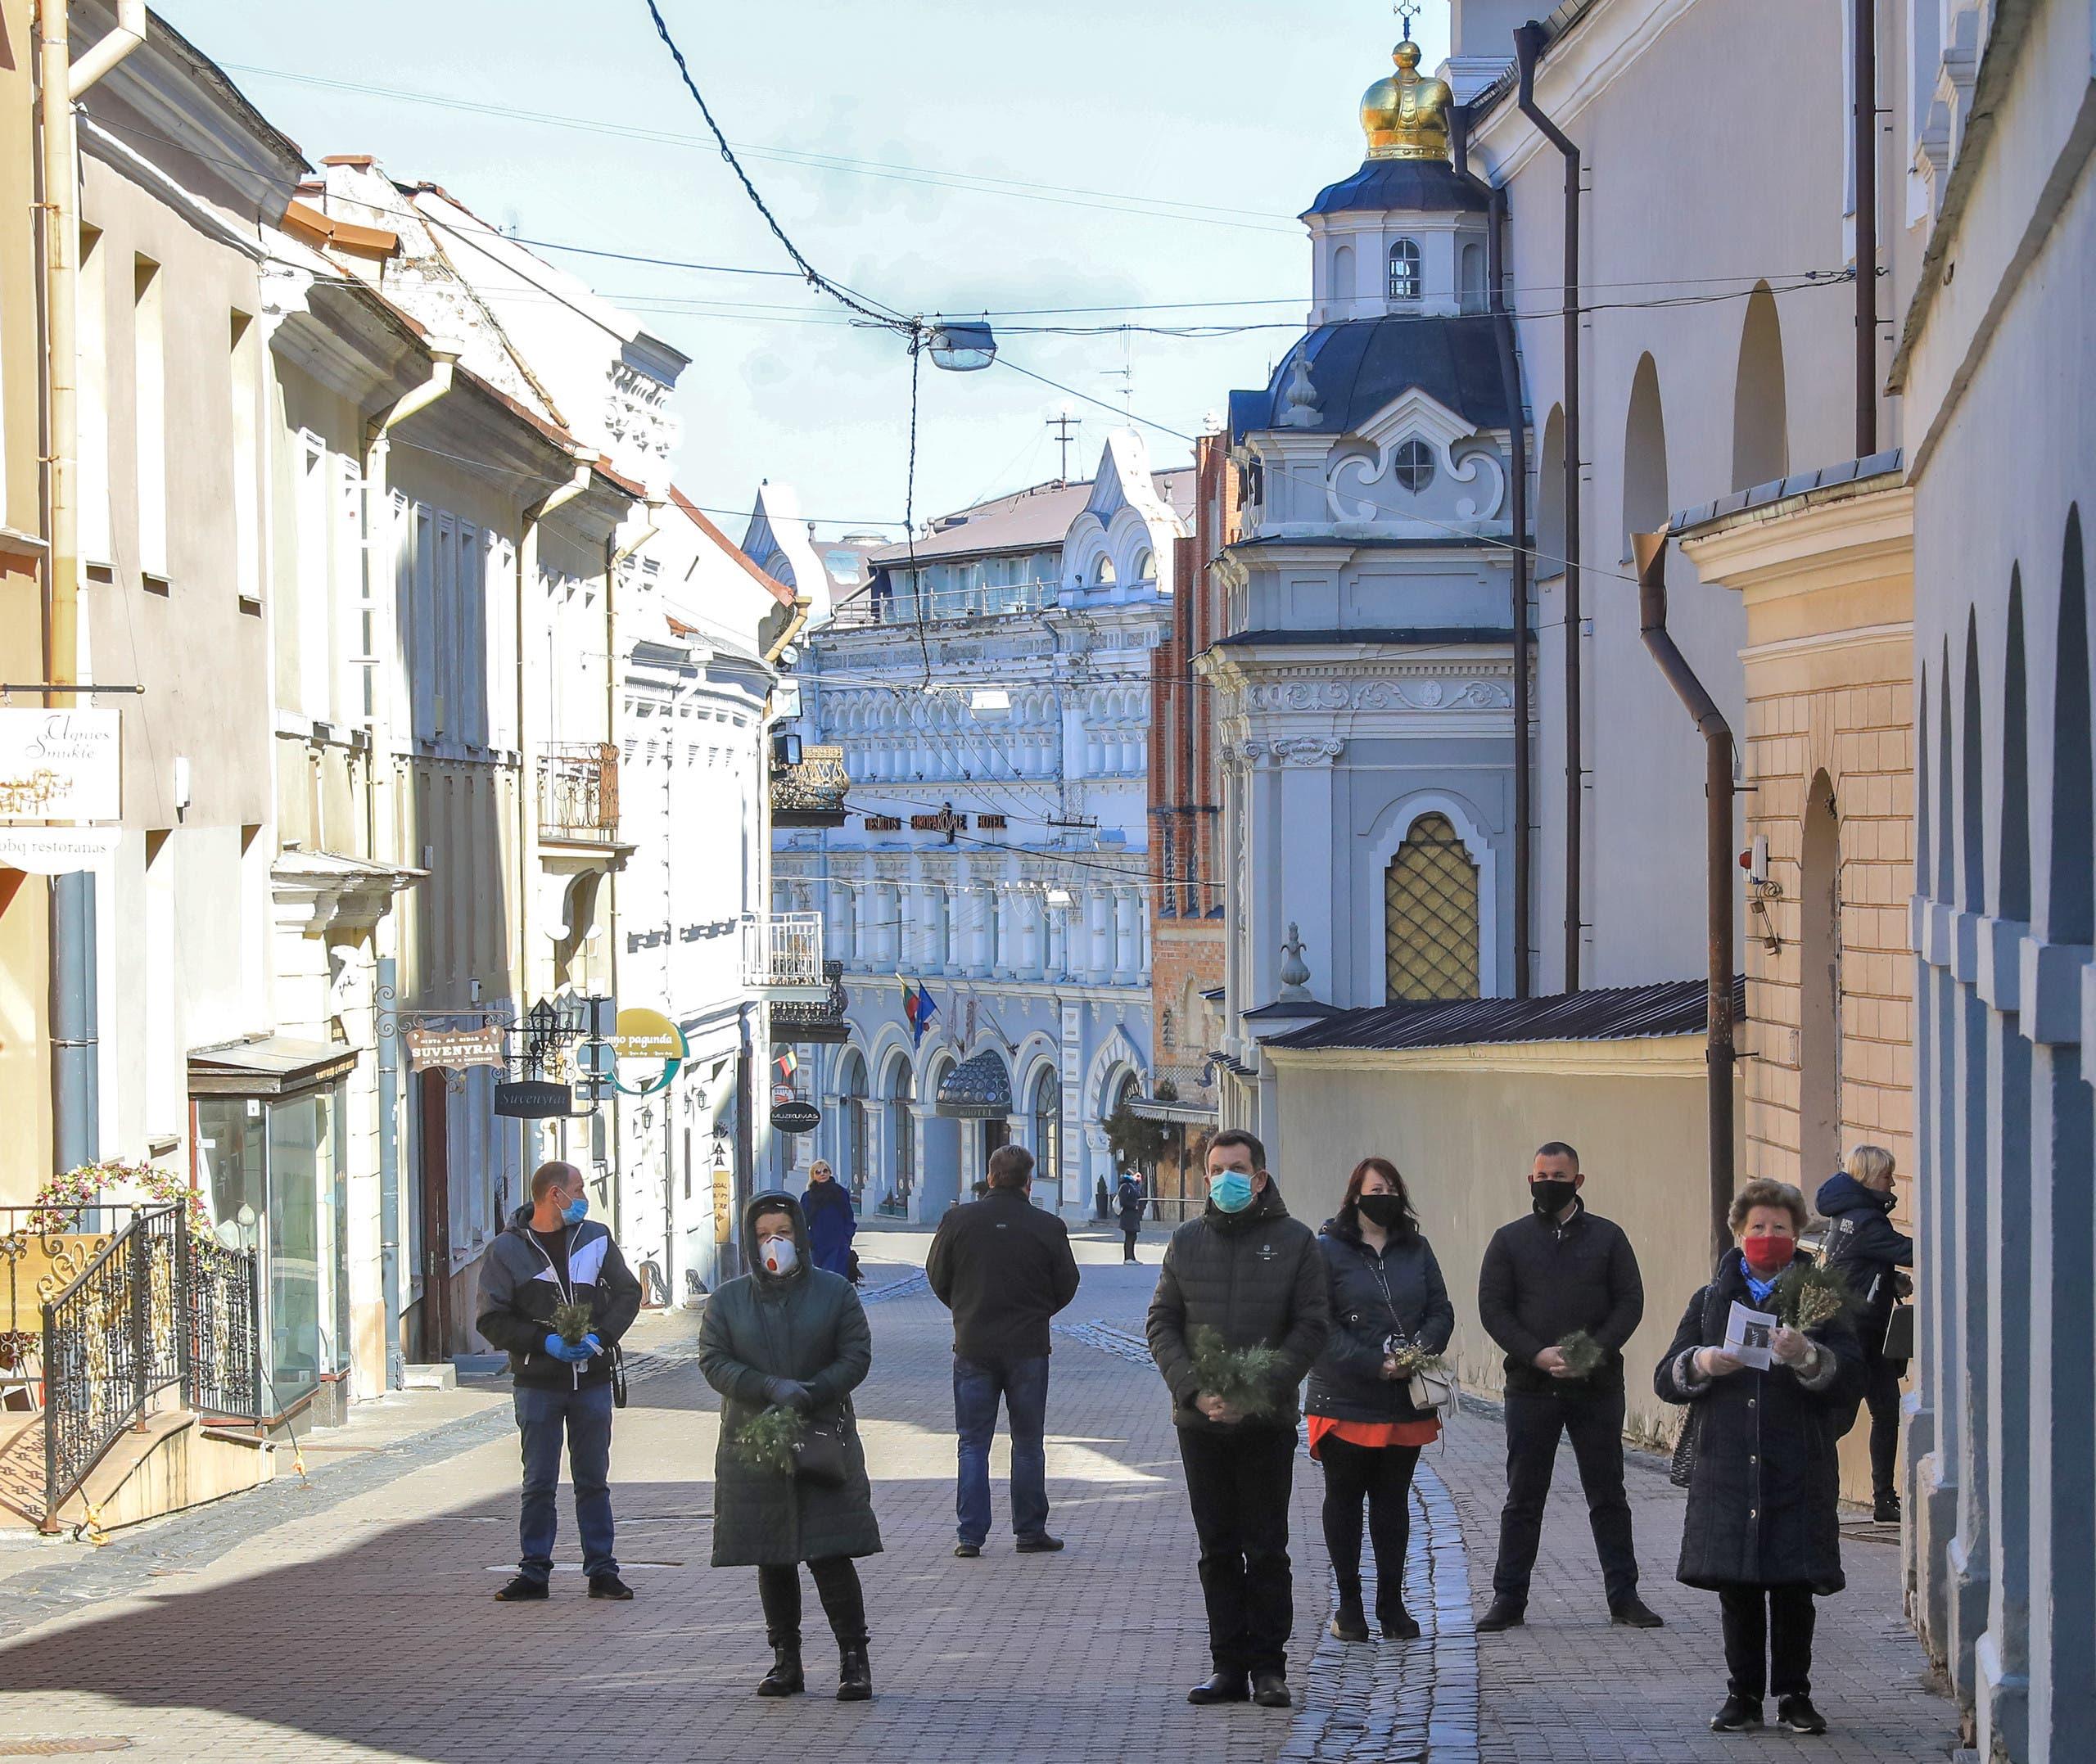 مصلون في ليتوانيا شاركوا الأسبوع الماضي في قداس عيد الشعانين عن بعد خارج الكنيسة